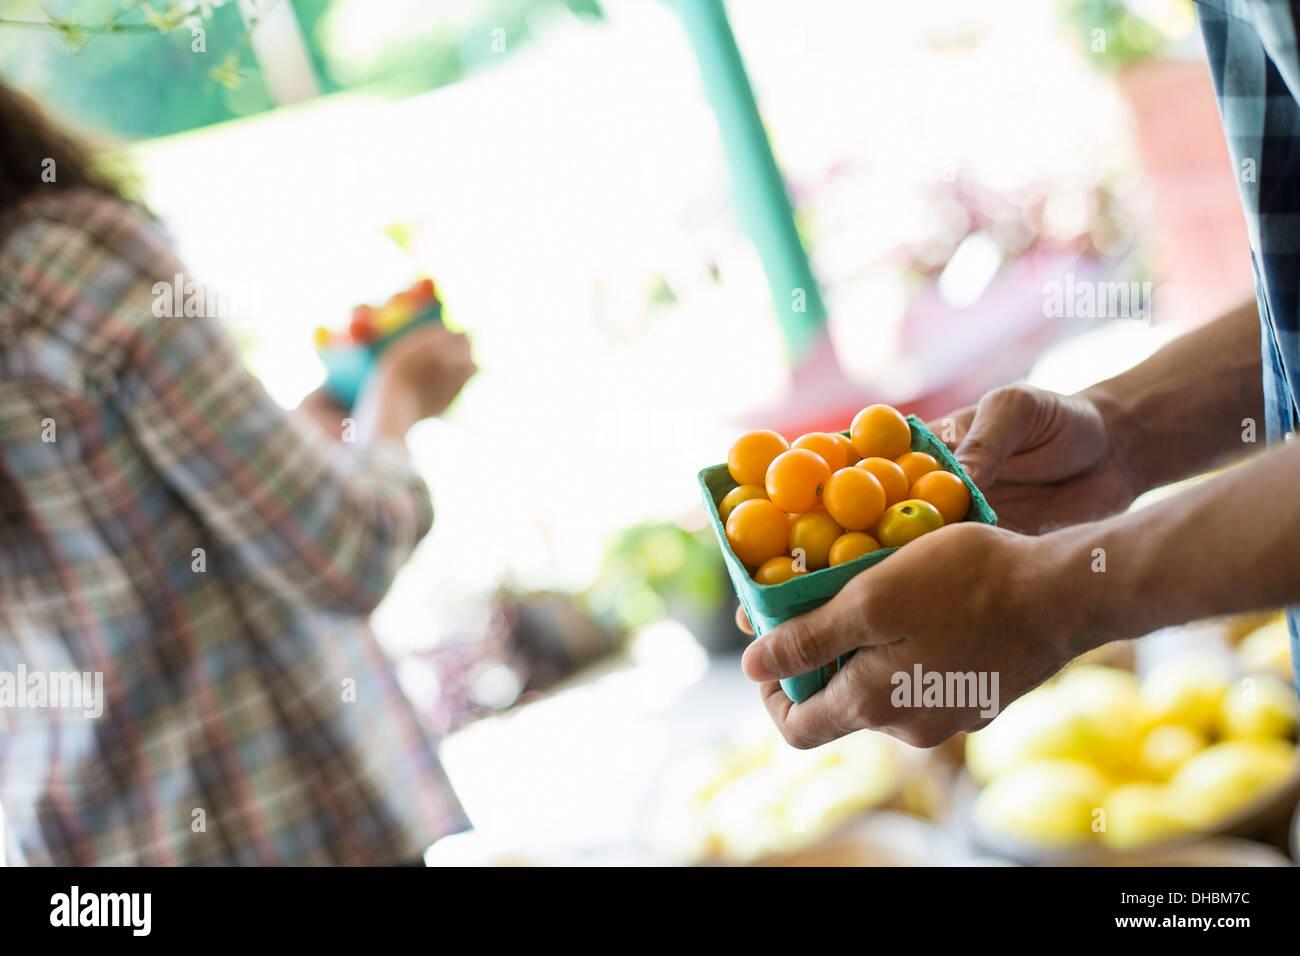 Ein Bauernhof, Anbau und Verkauf von Bio-Gemüse und Obst. Ein Mann und eine Frau zusammen arbeiten. Stockbild